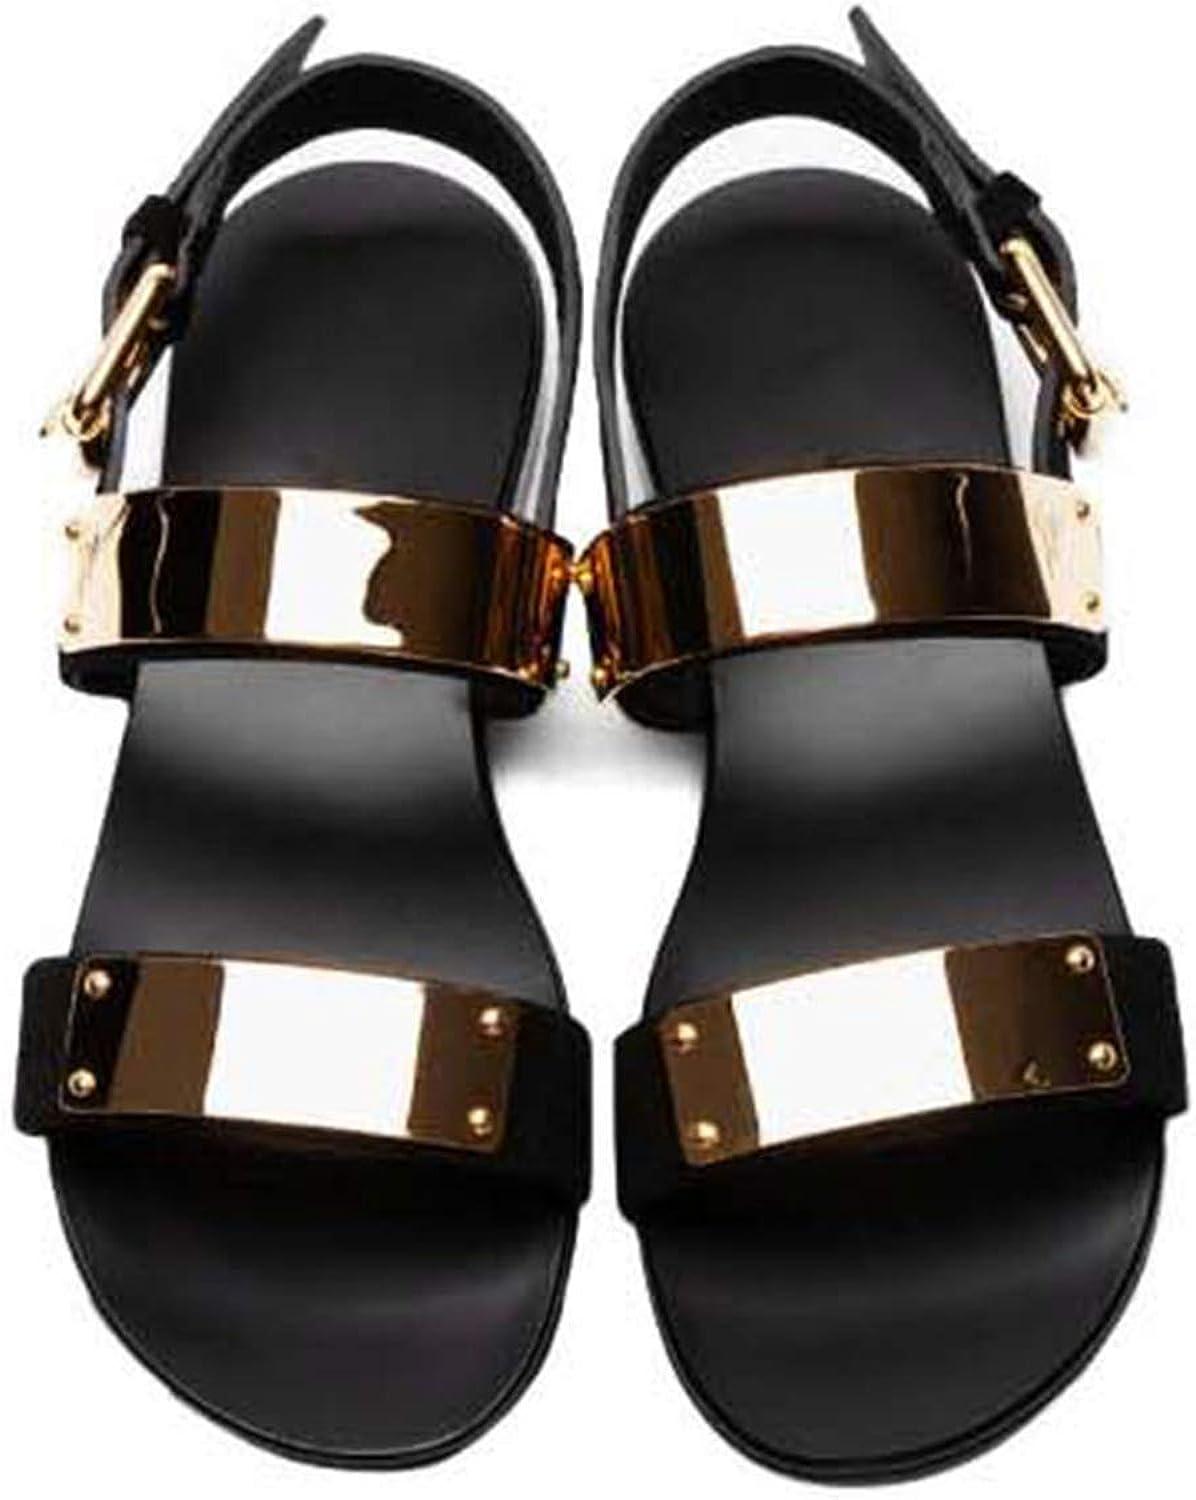 Genuine Leather Men Sandalias shoes women Rome Rock Sandal shoes, US6-10